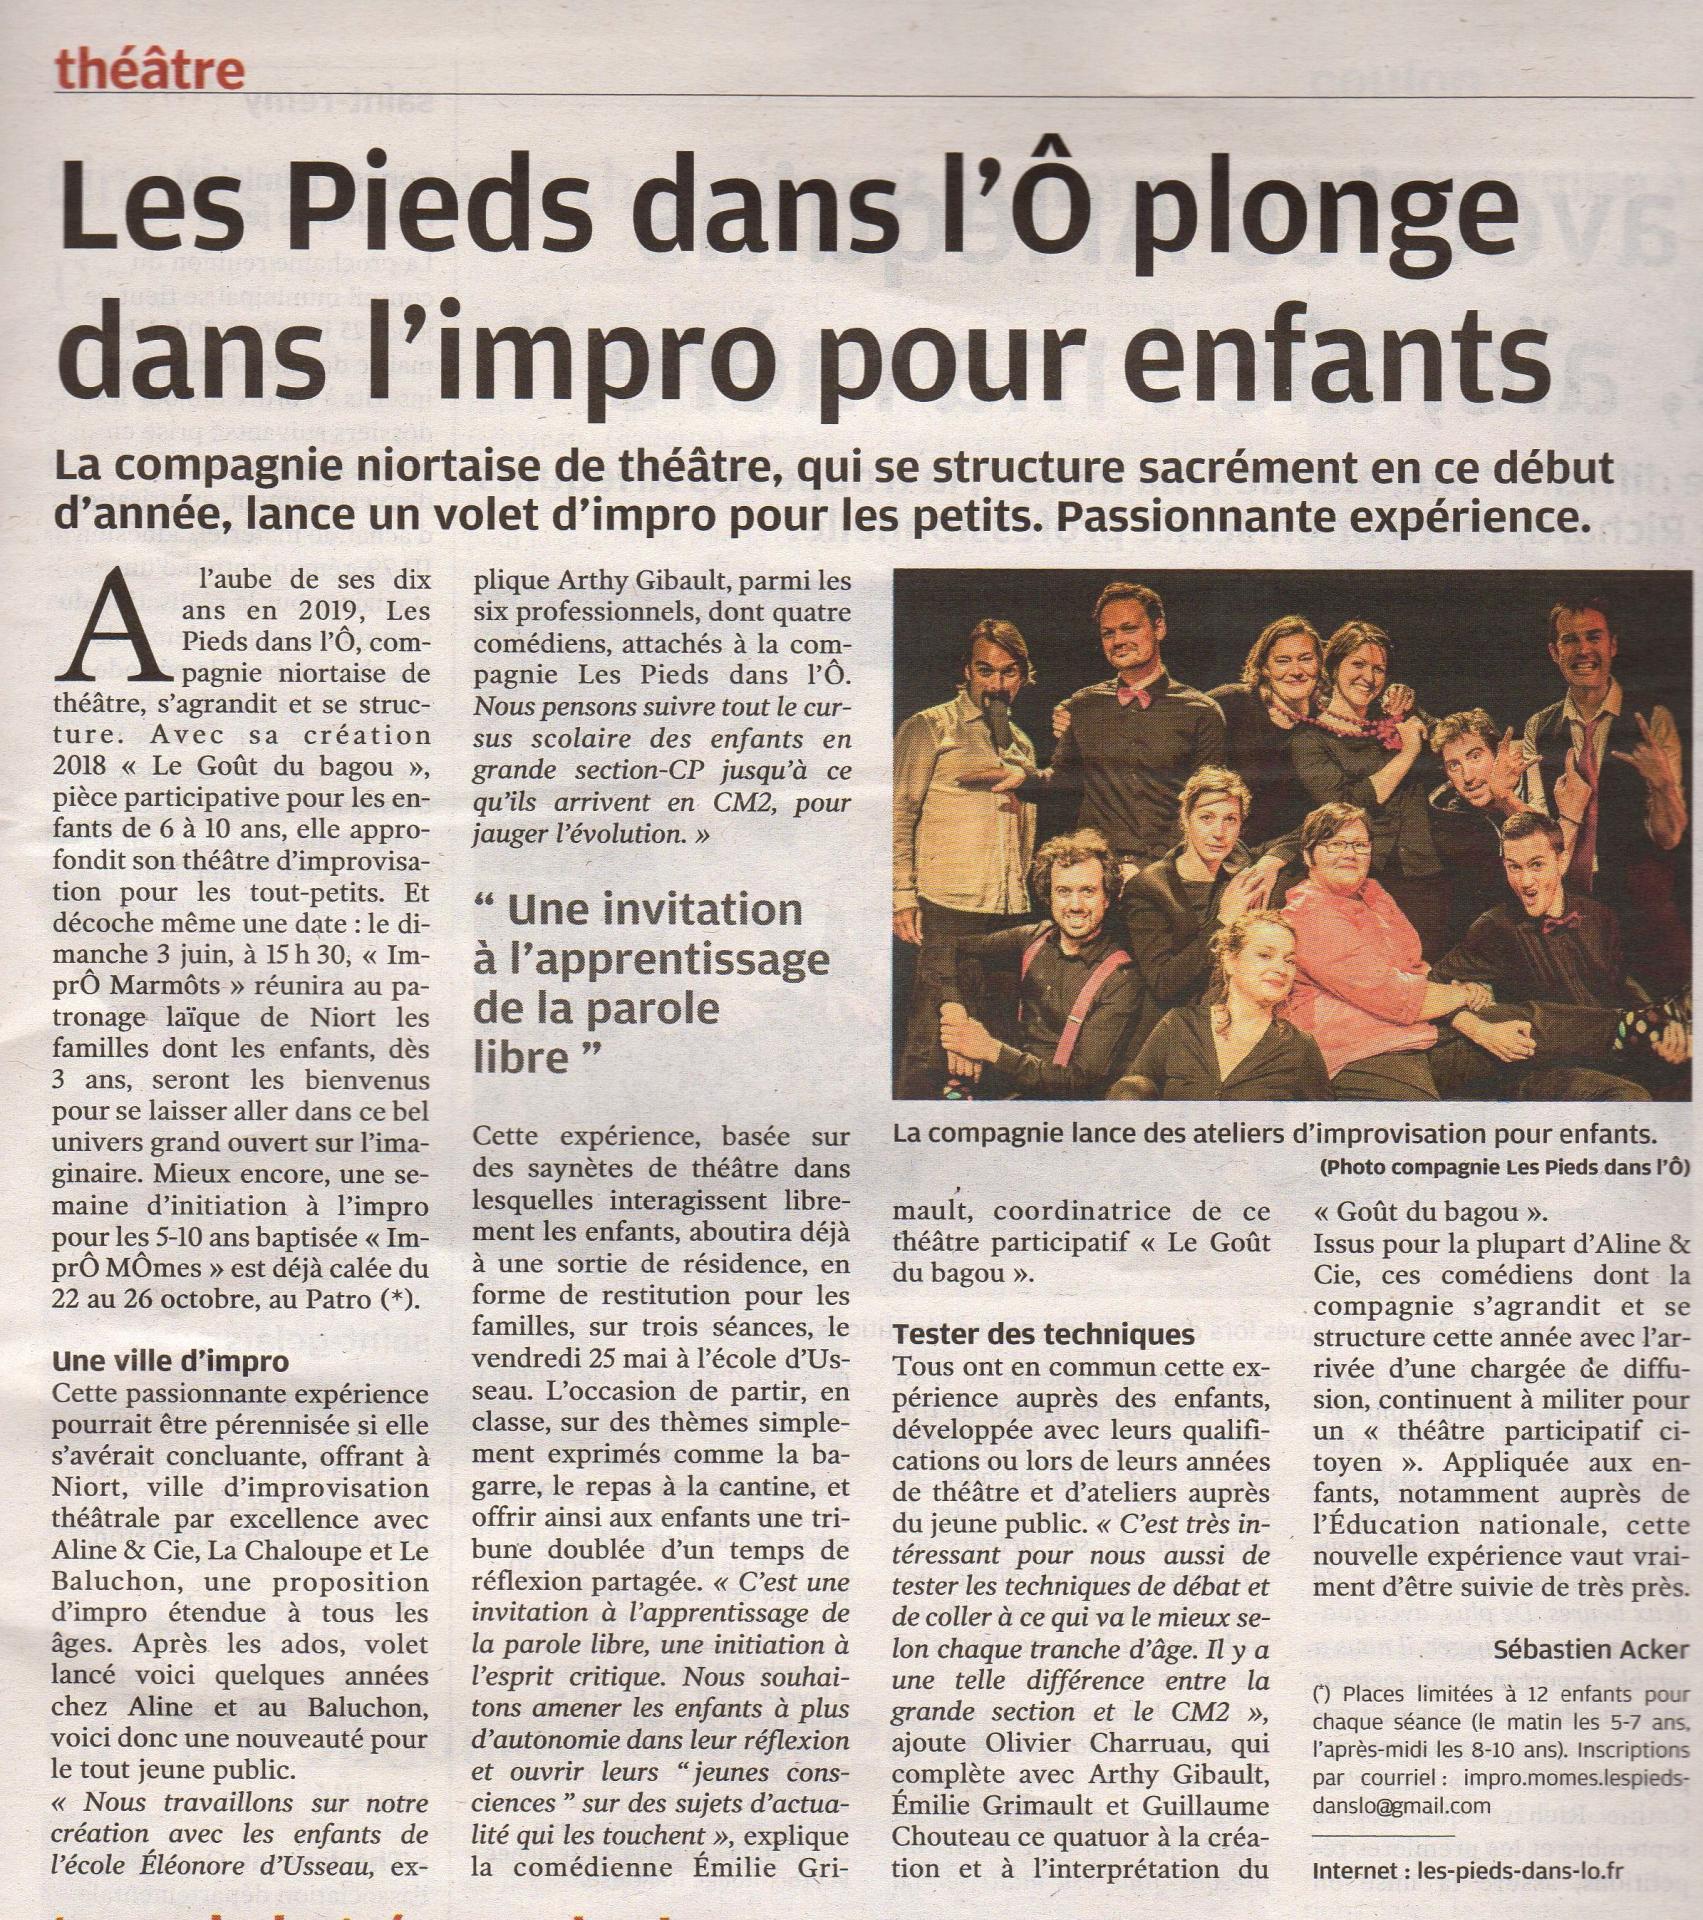 La presse - 24-01-2018